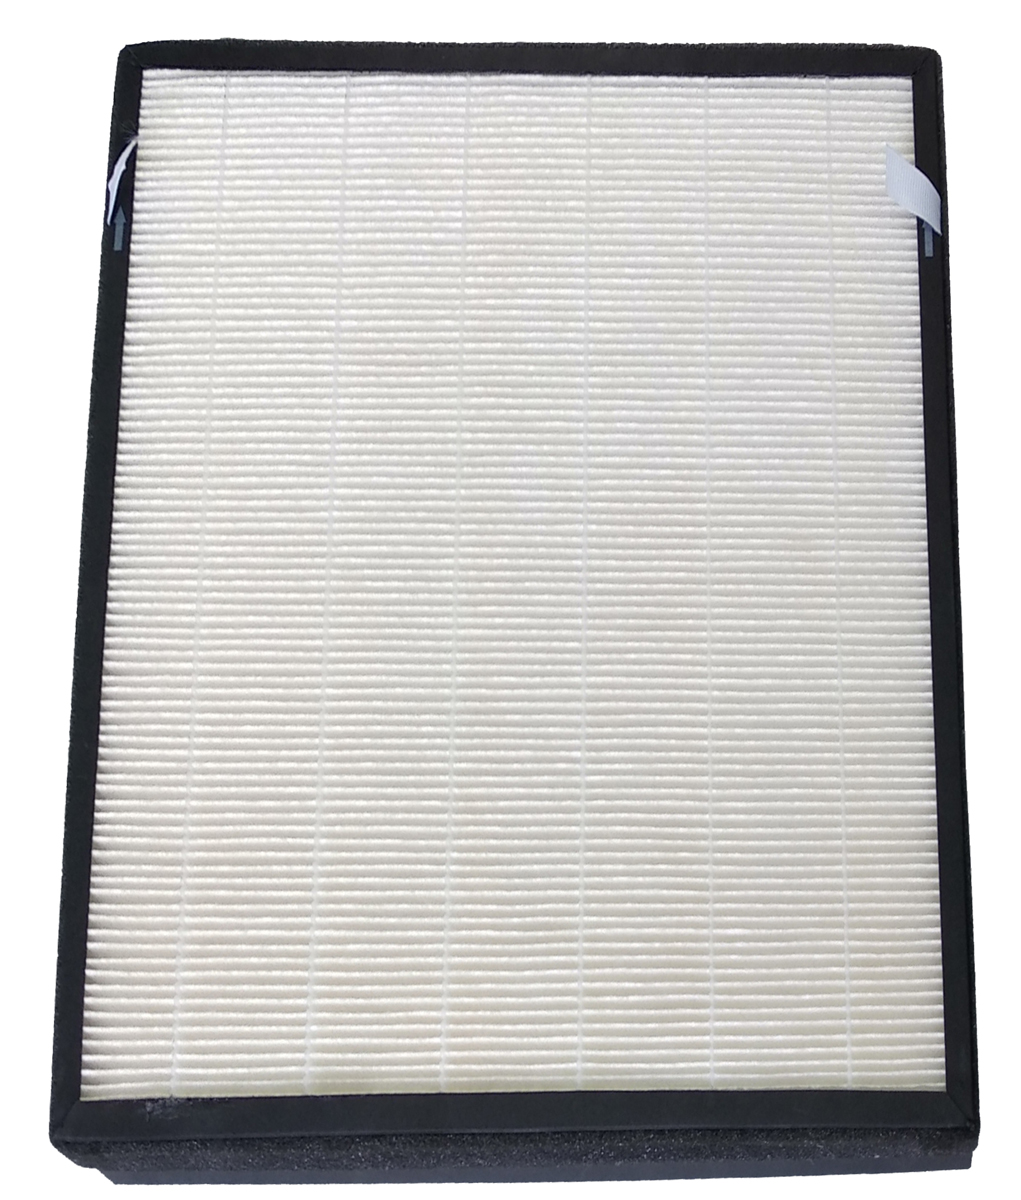 AIC фильтр для очистителя воздуха AIC XJ-4000 philips ac4123 02 сменный угольный фильтр для ac4004 1 шт